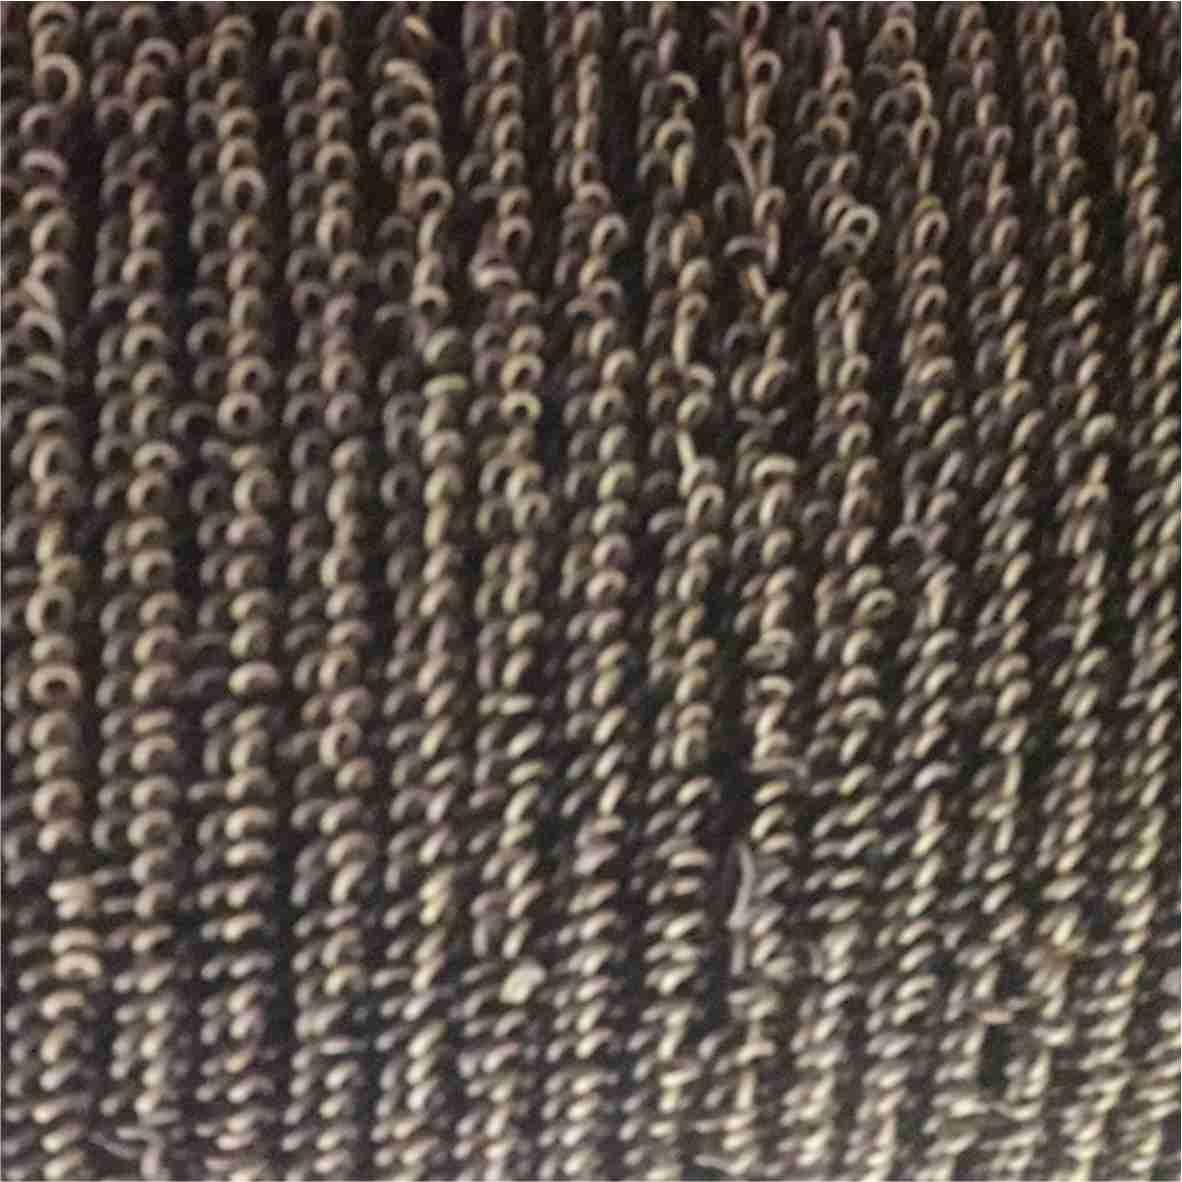 buitenmat inuci grijs/beige 100-150cm